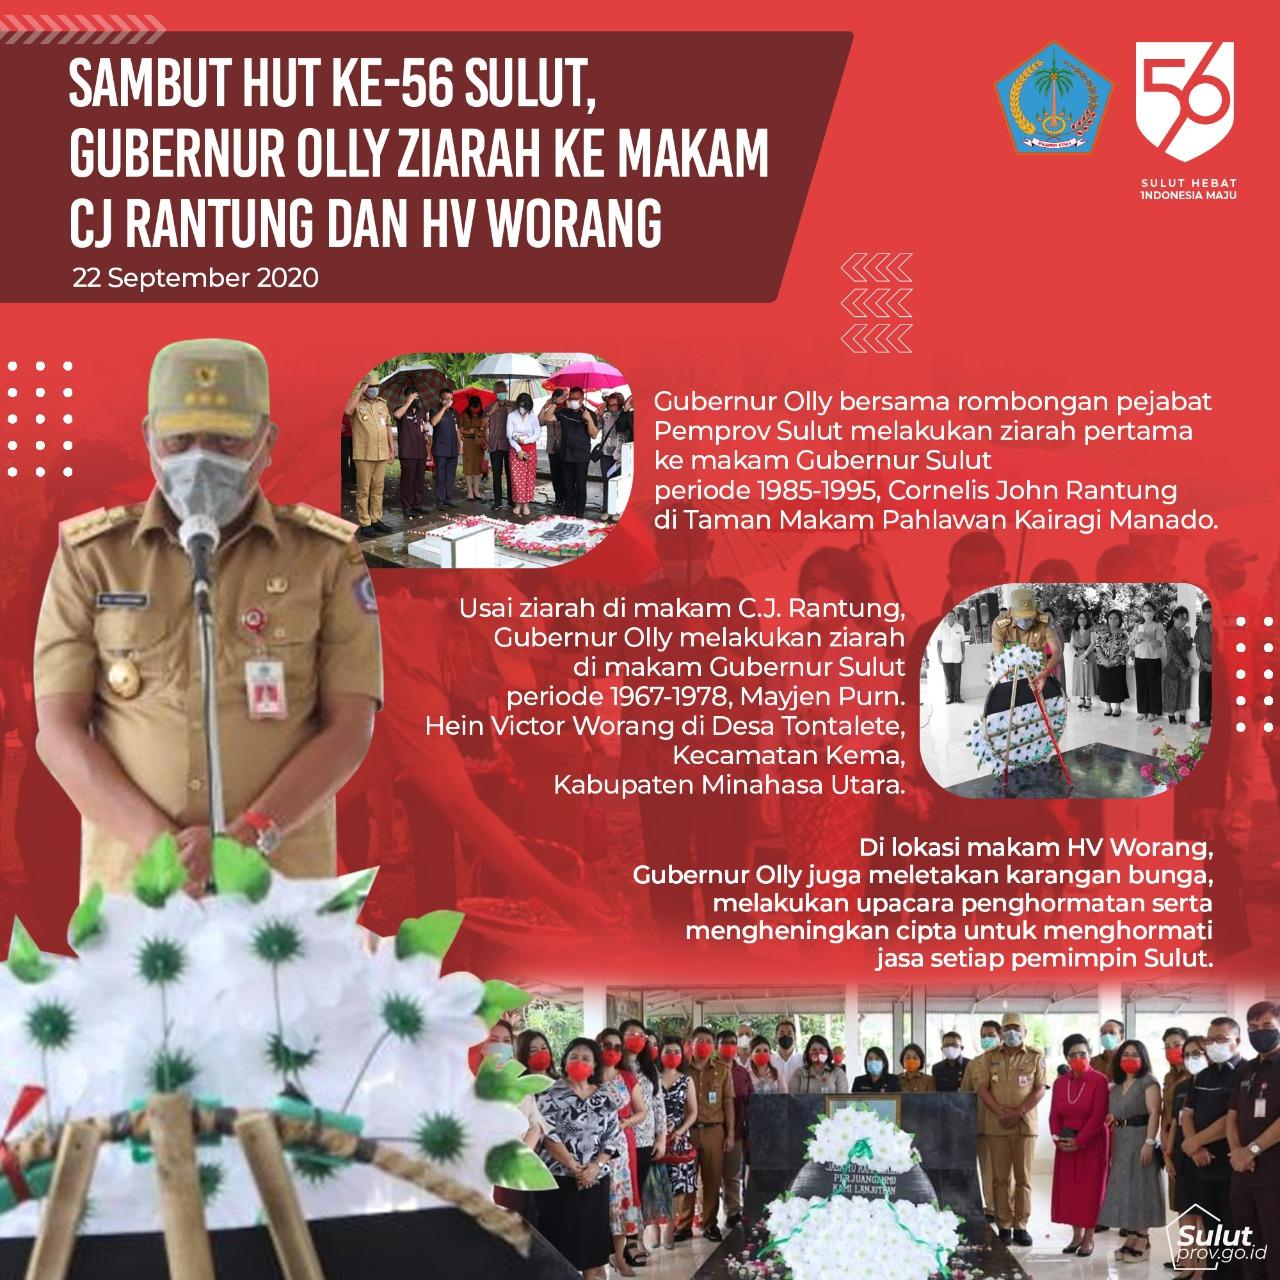 Sambut HUT Ke-56 SULUT, Gubernur Olly Ziarah Ke Makam CJ Rantung & HV Worang